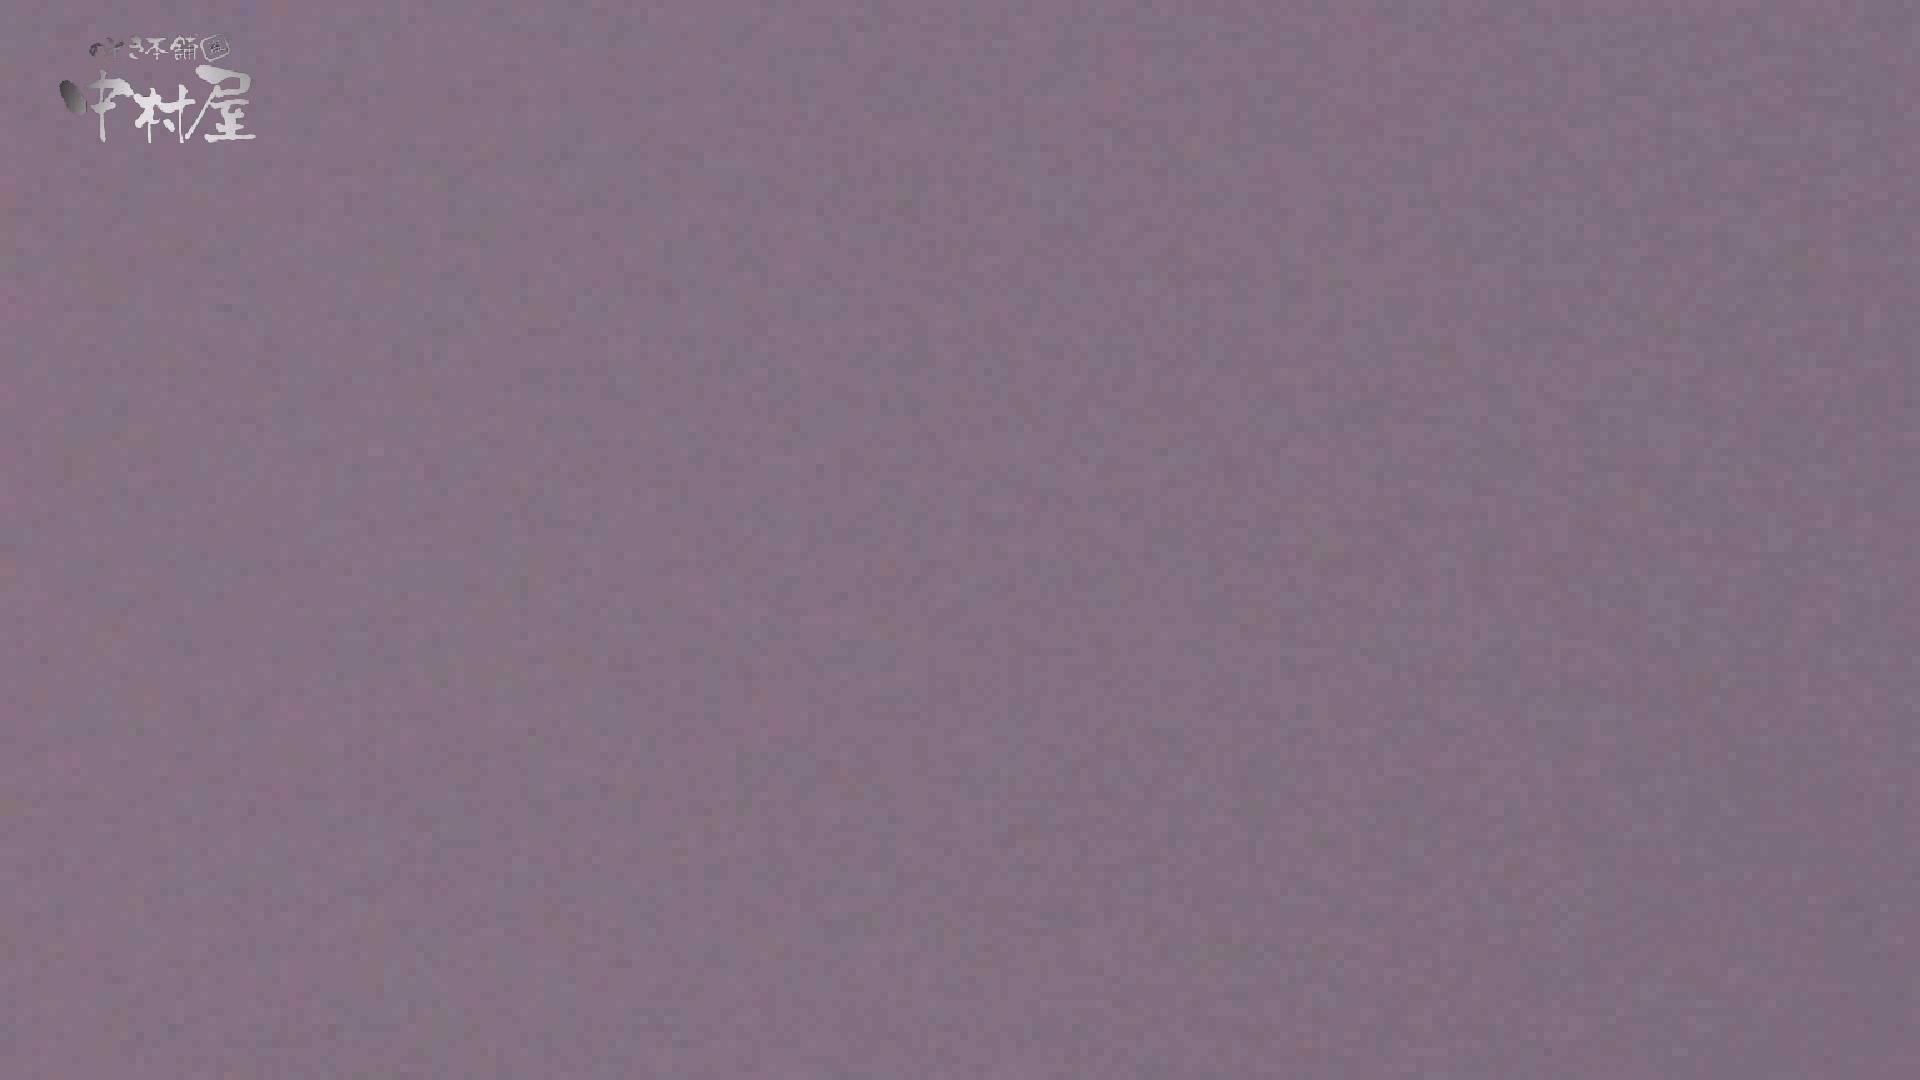 洗面所突入レポート!!vol.7 マンコエロすぎ ワレメ無修正動画無料 113PIX 66